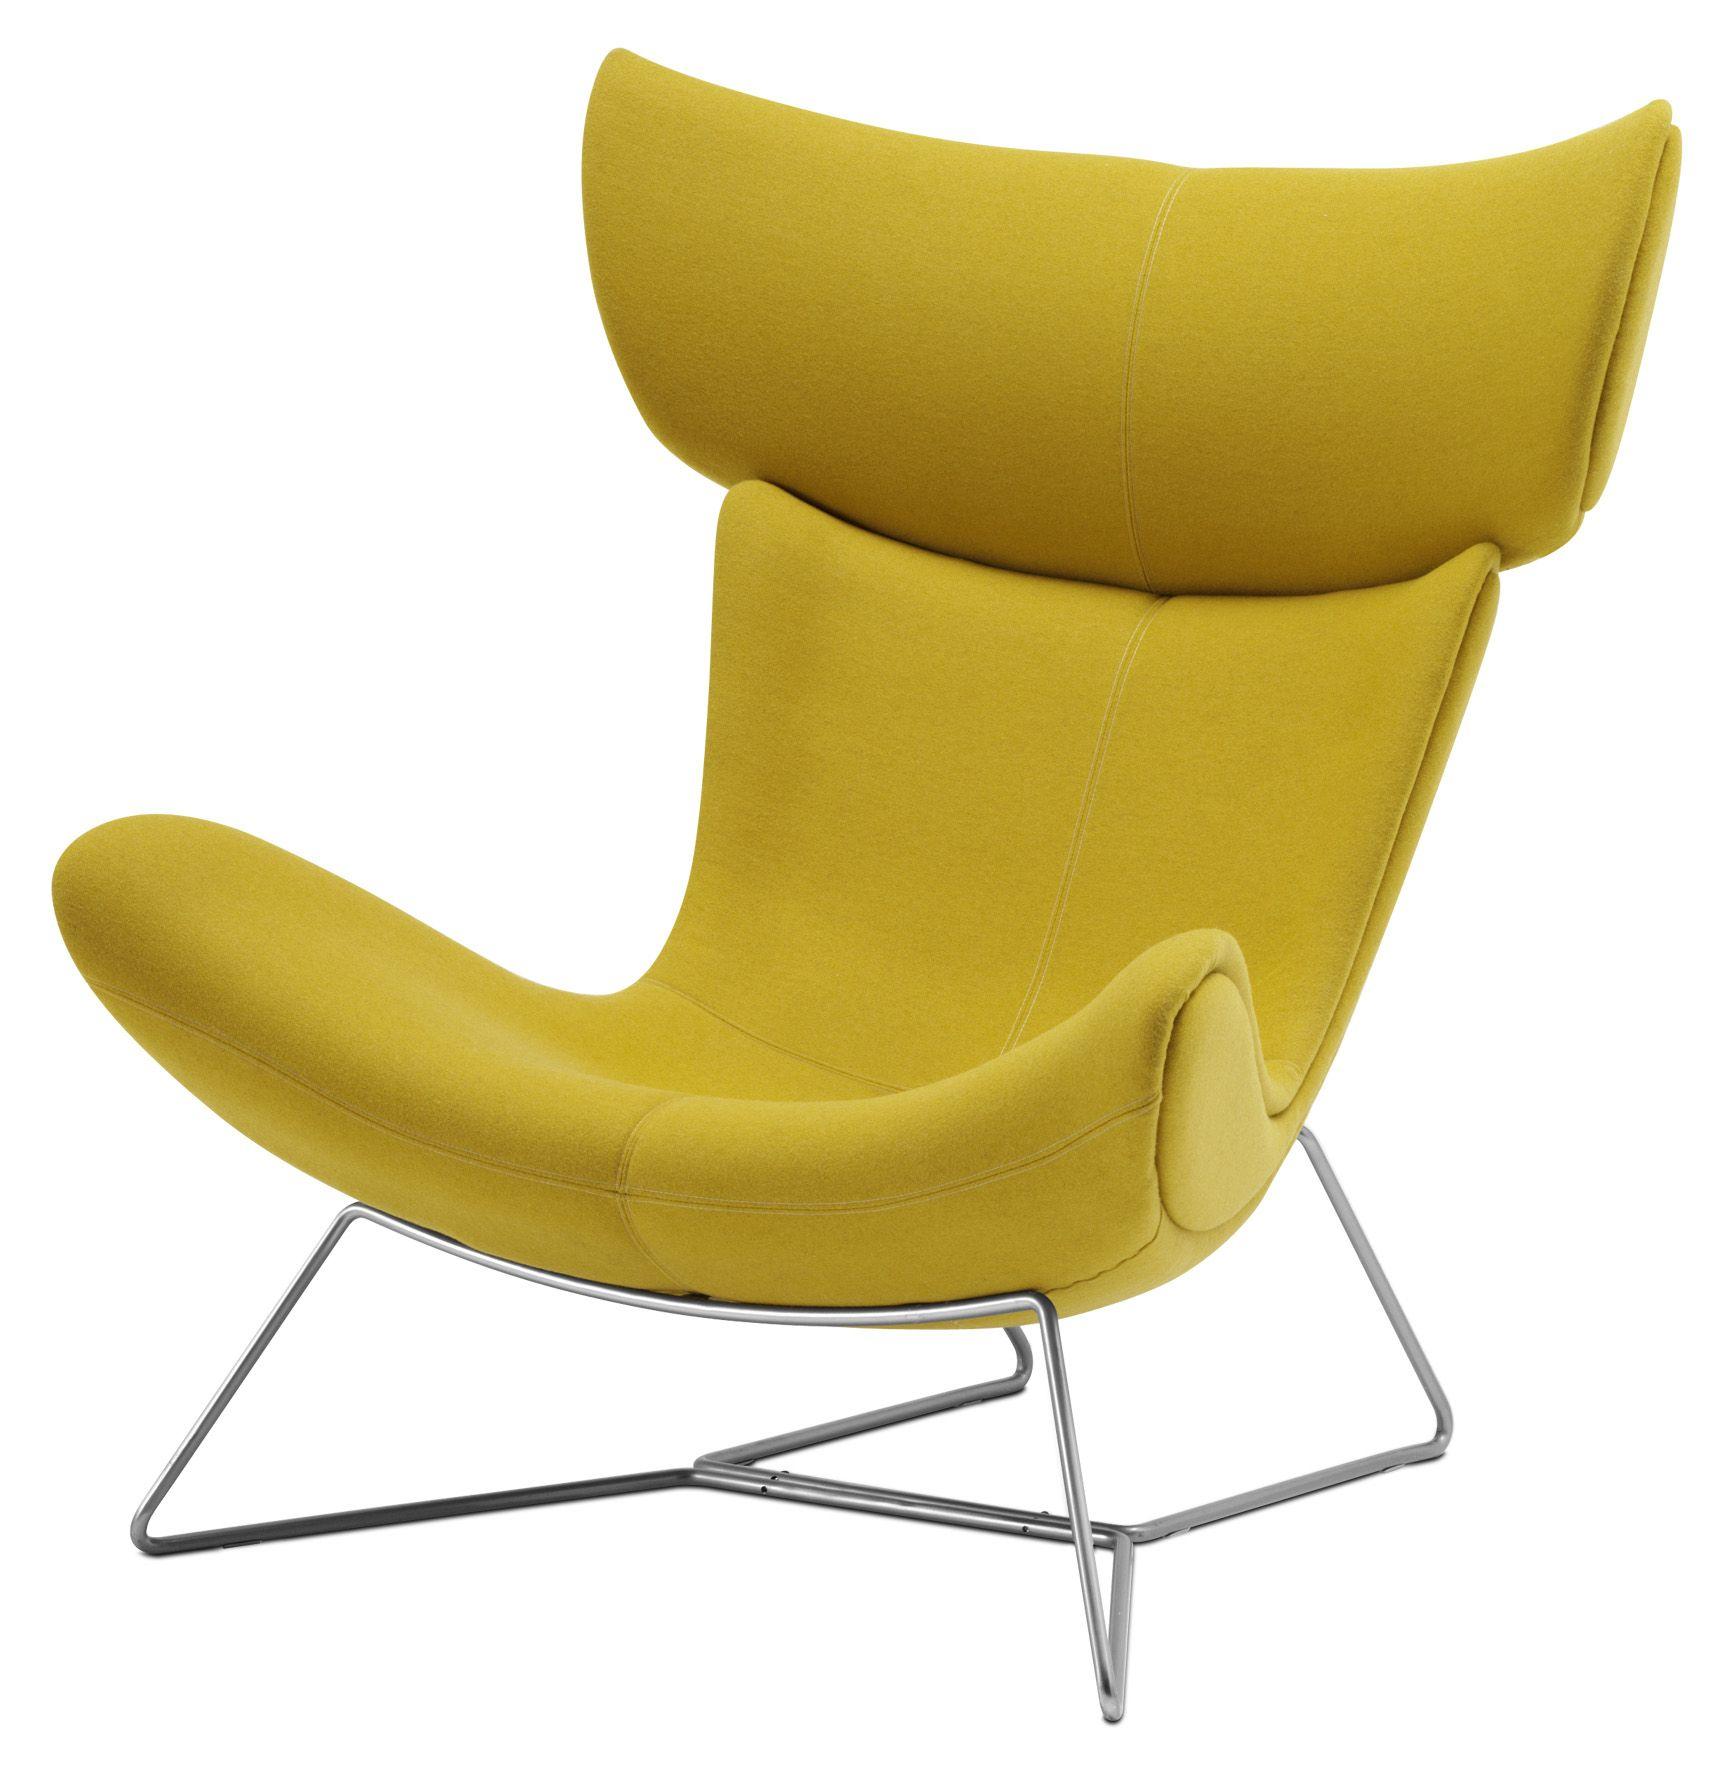 fauteuil Imola BO CONCEPT jaune Loft en 2019